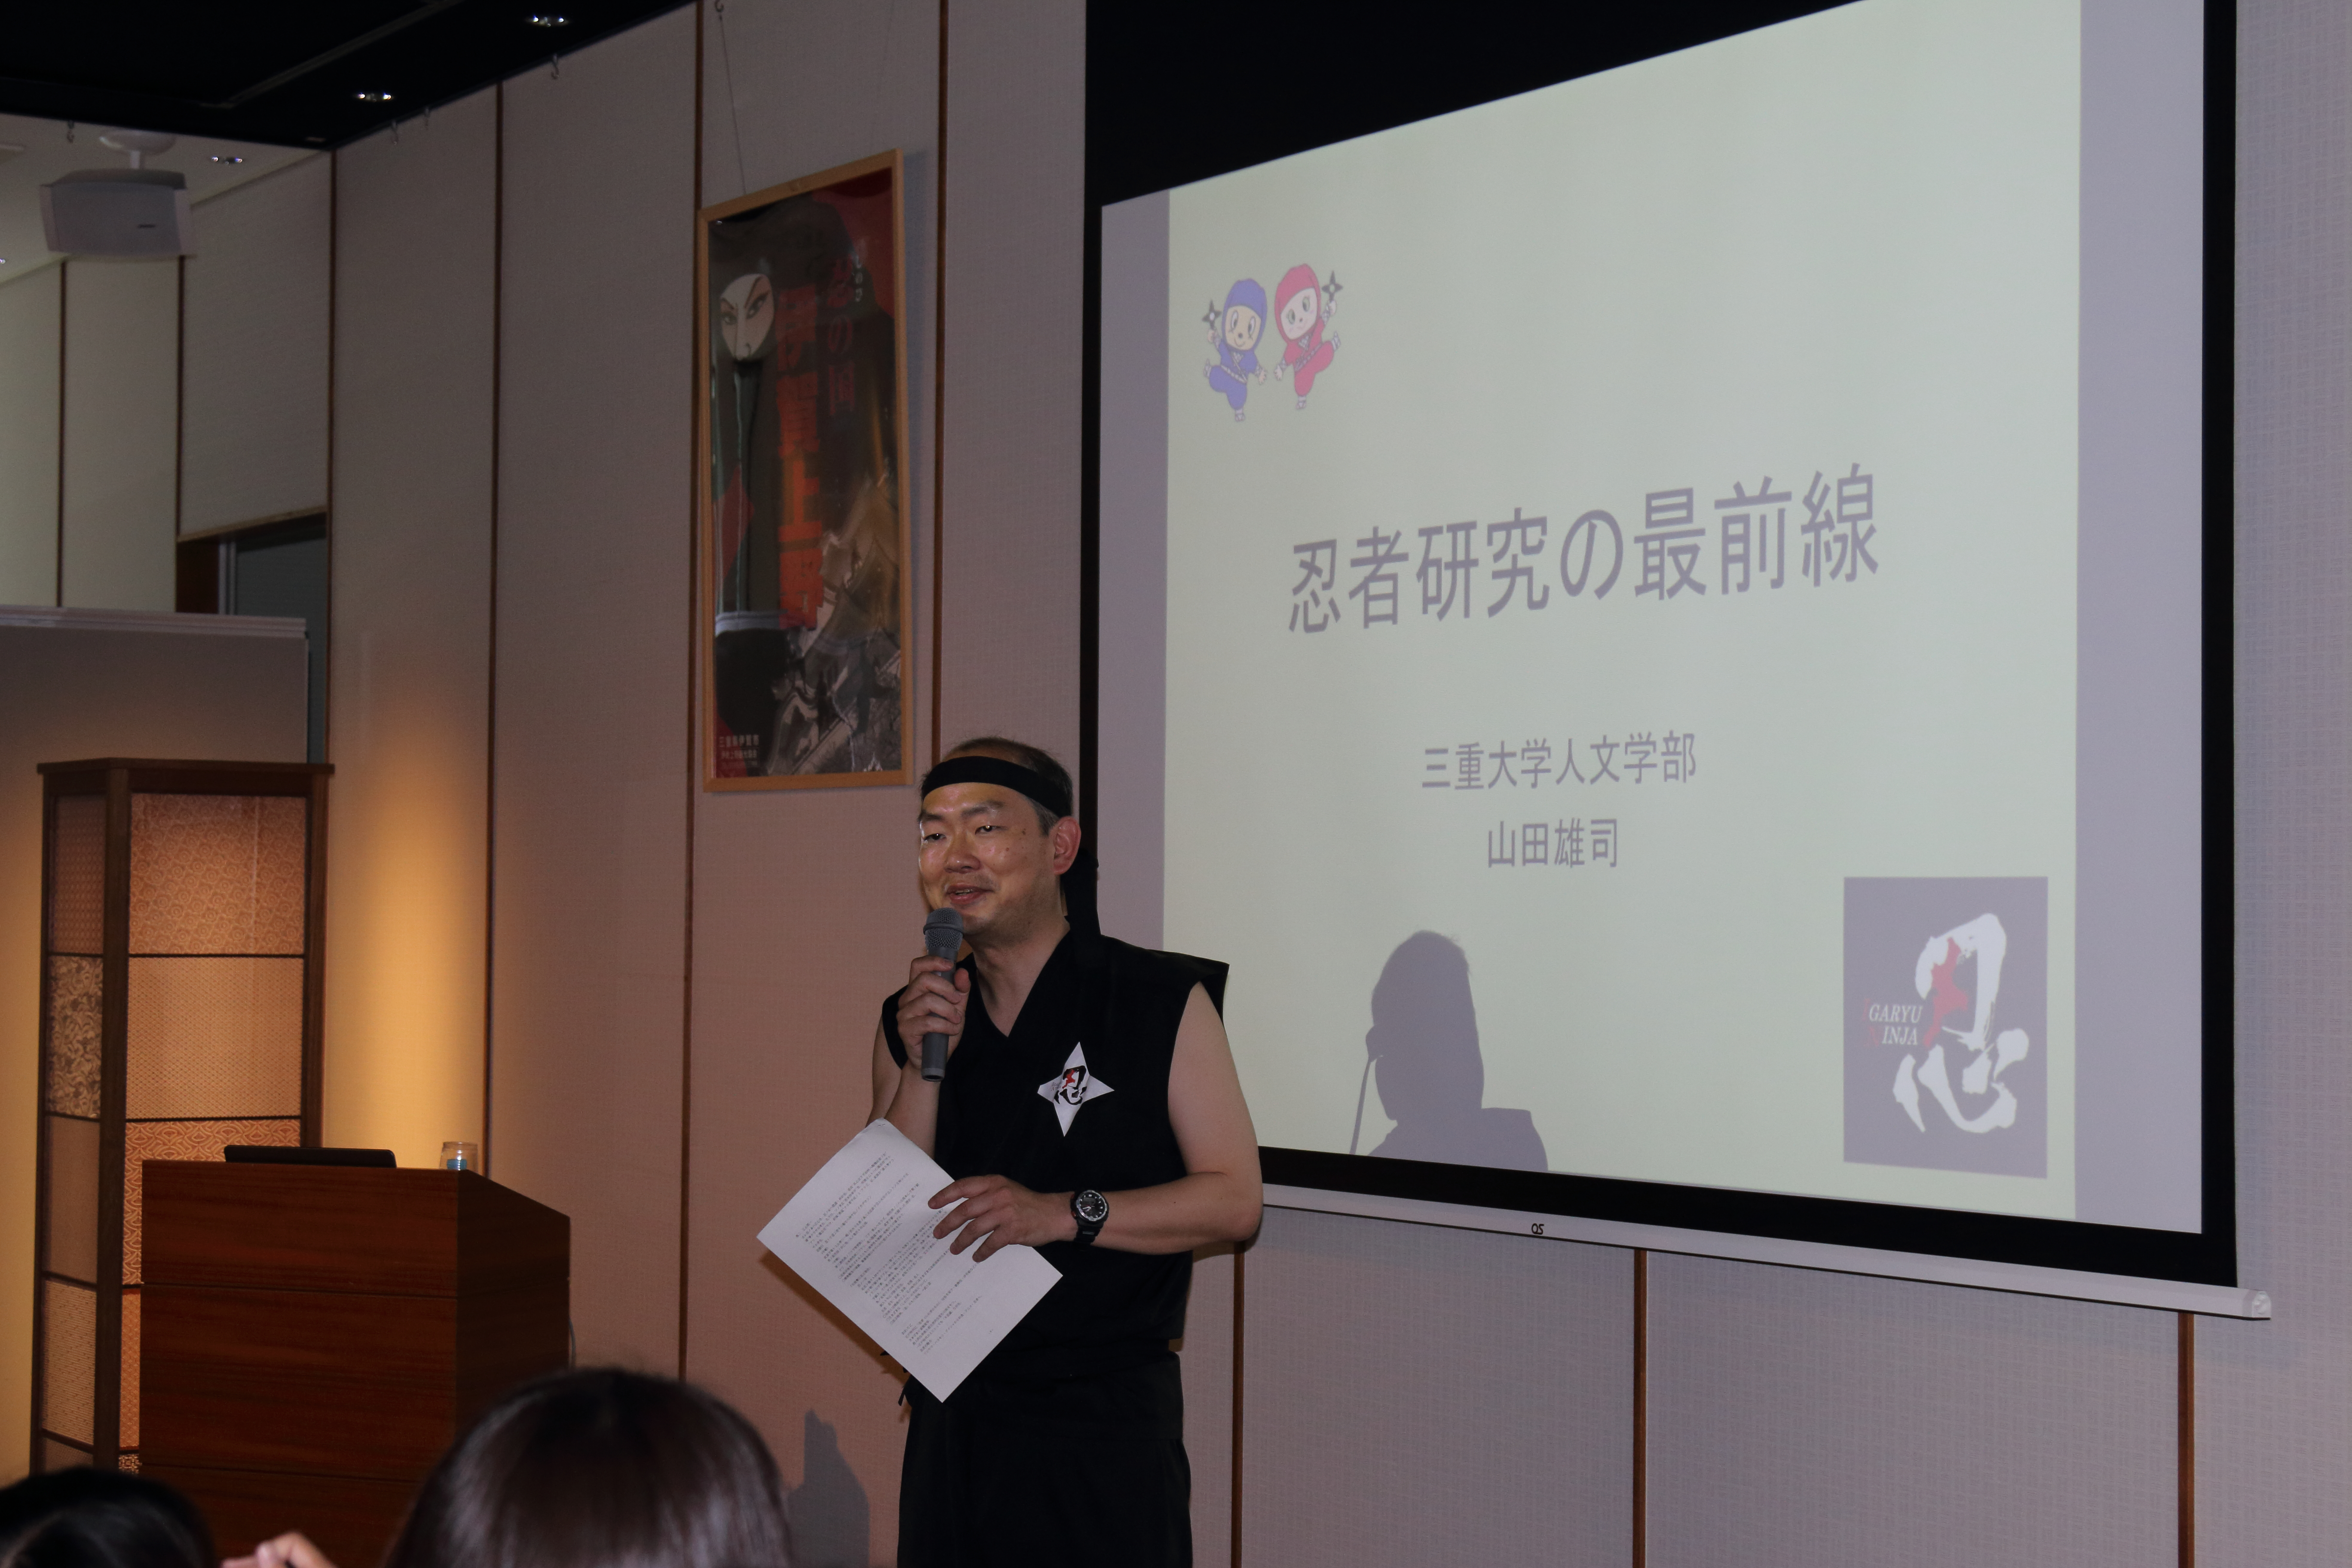 20140531三重テラス忍者講座 (43).JPG